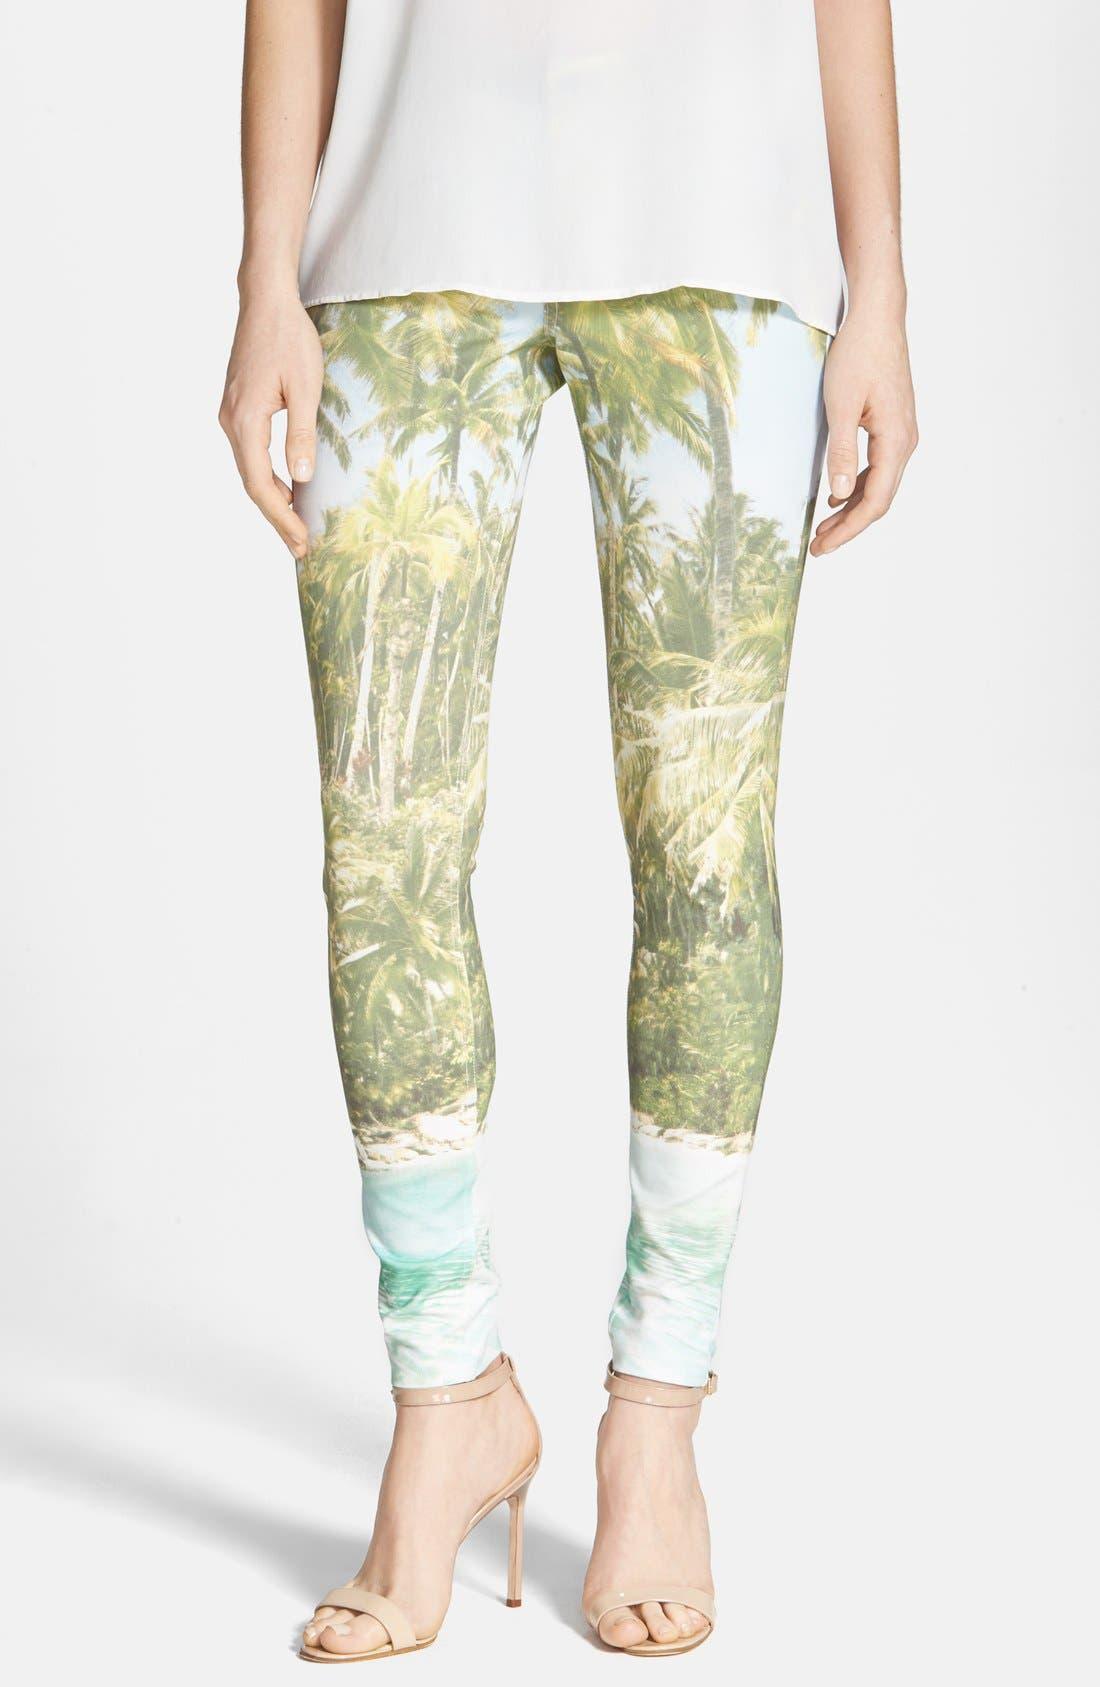 Alternate Image 1 Selected - Hue 'Tropical Sleek' Ponte Leggings